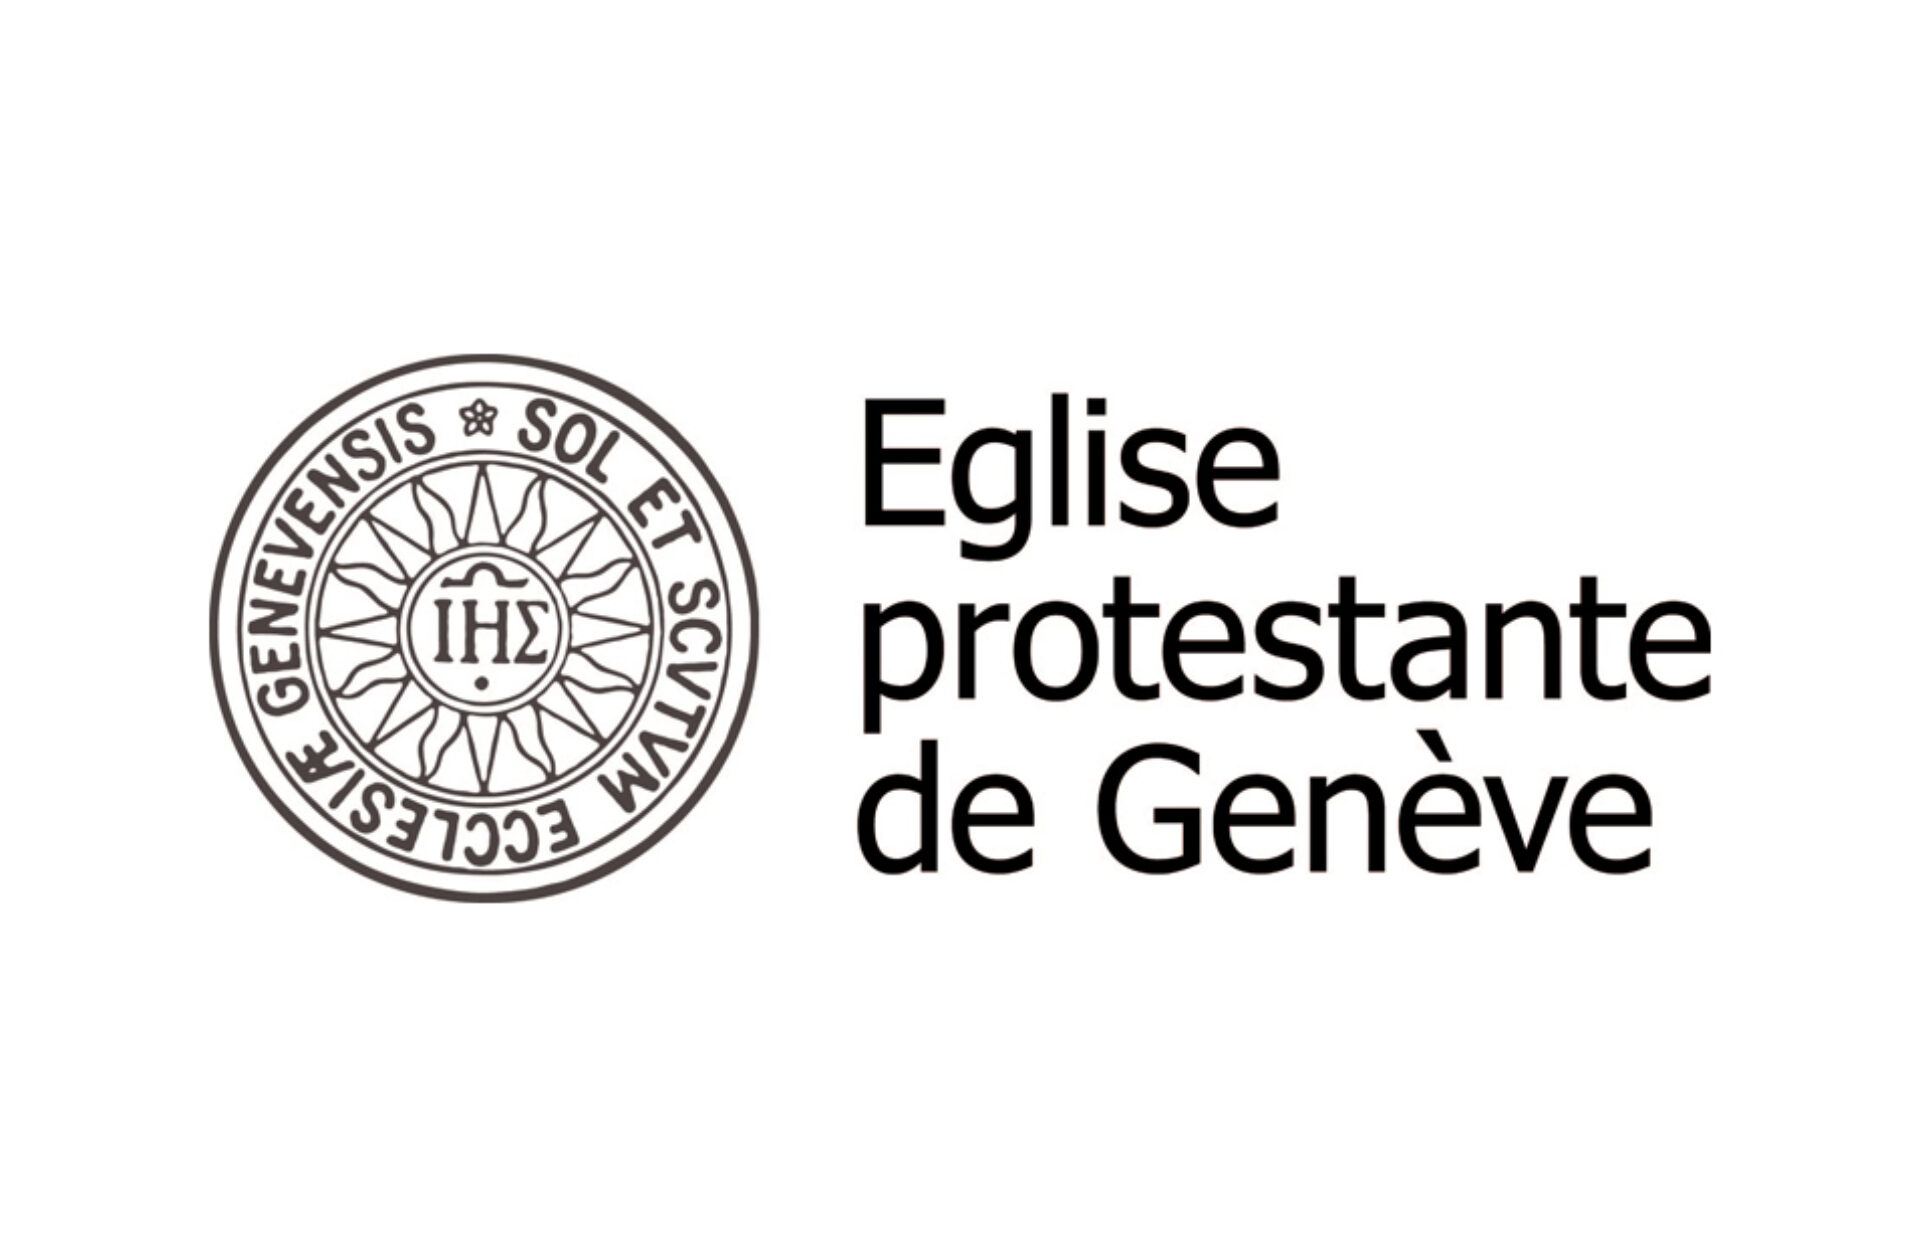 Eglise protestante de Genève